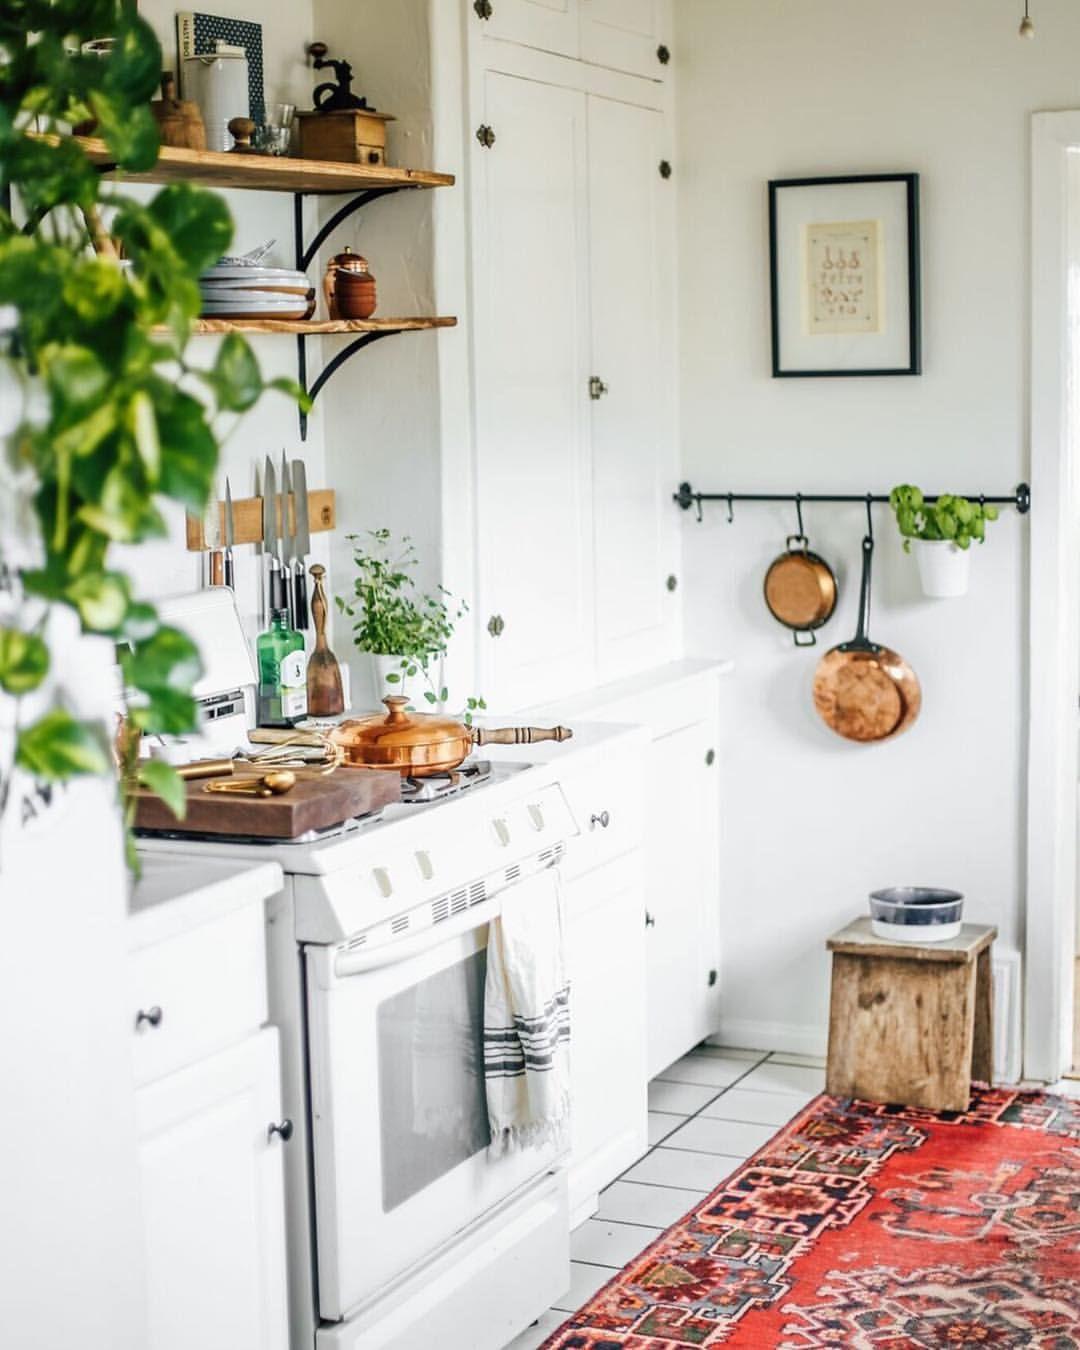 Fein Pantry Küche Redo Design Ideen - Ideen Für Die Küche Dekoration ...